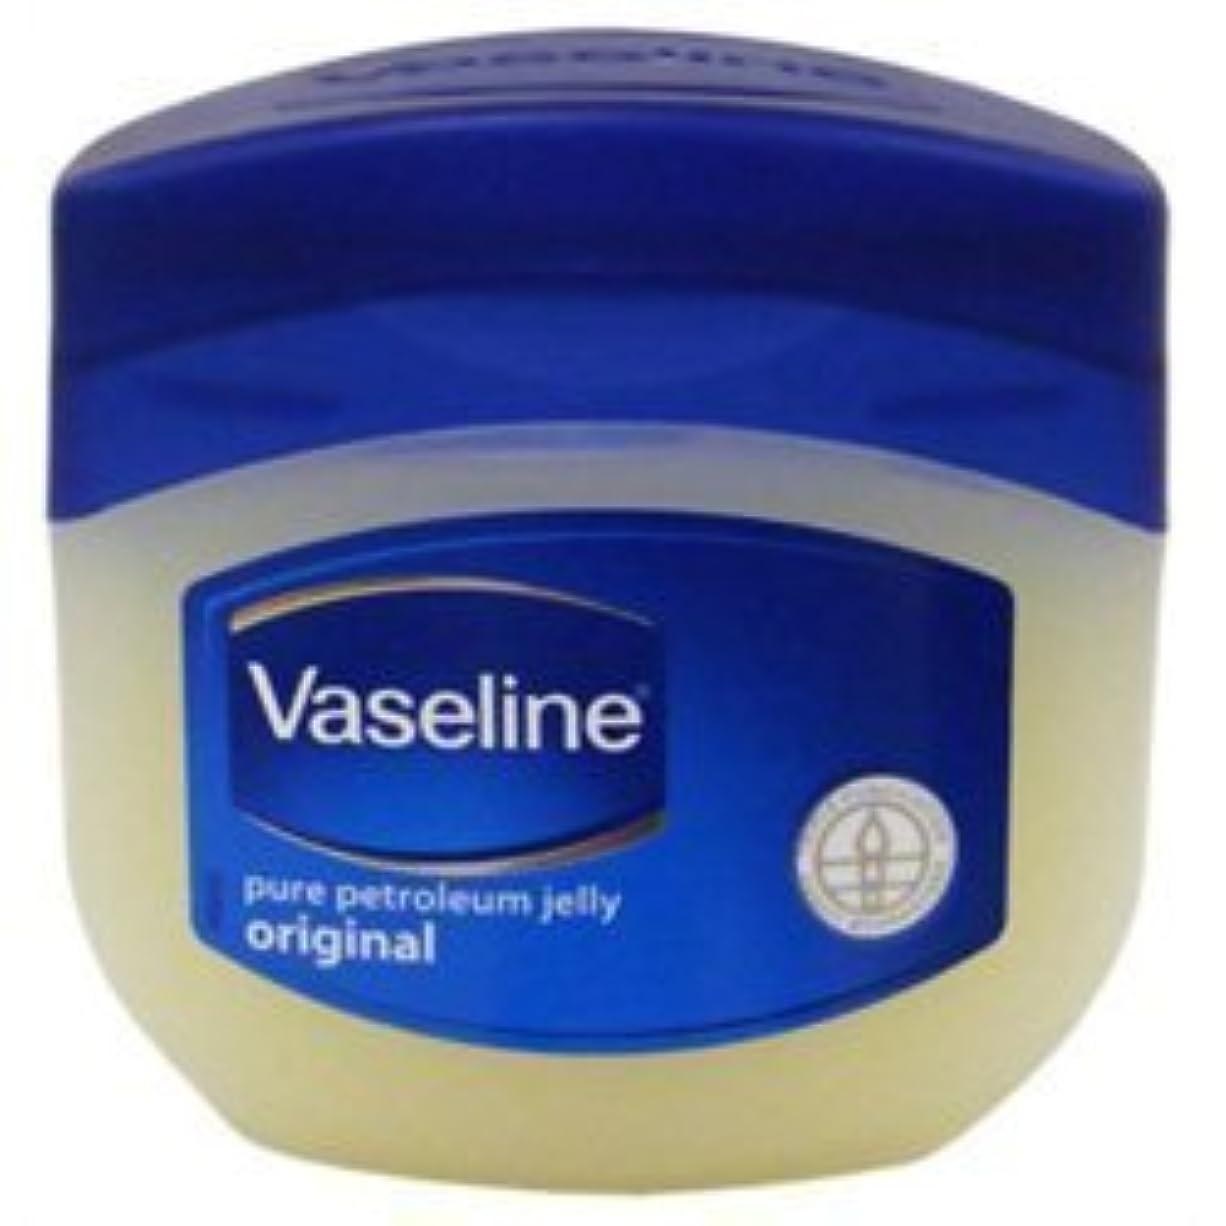 口ひげ三番人に関する限り【Vaseline】ヴァセリン ピュアスキンジェリー (スキンオイル) 80g ×5個セット